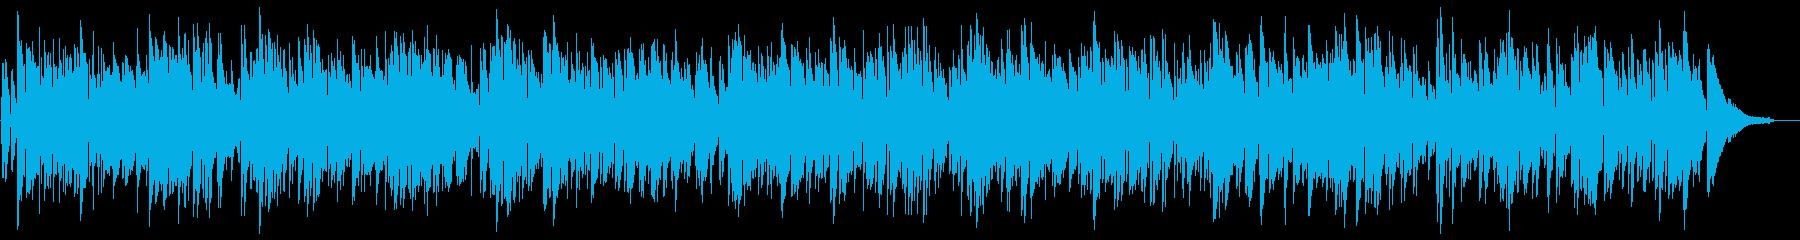 時間を忘れる南国のリラクゼーション音楽の再生済みの波形